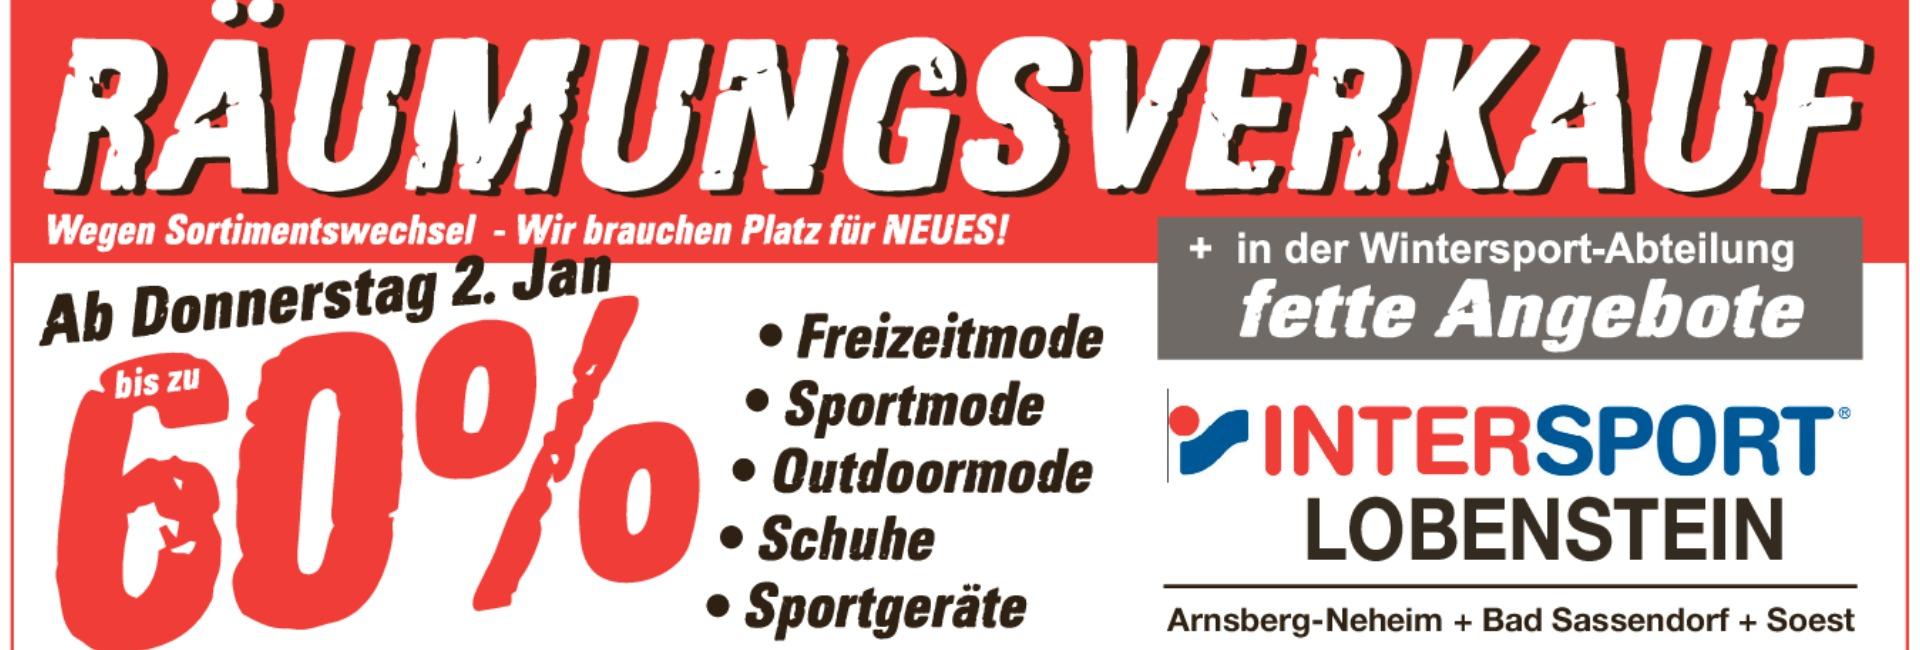 INTERSPORT LOBENSTEIN: Sportgeschäft in Soest